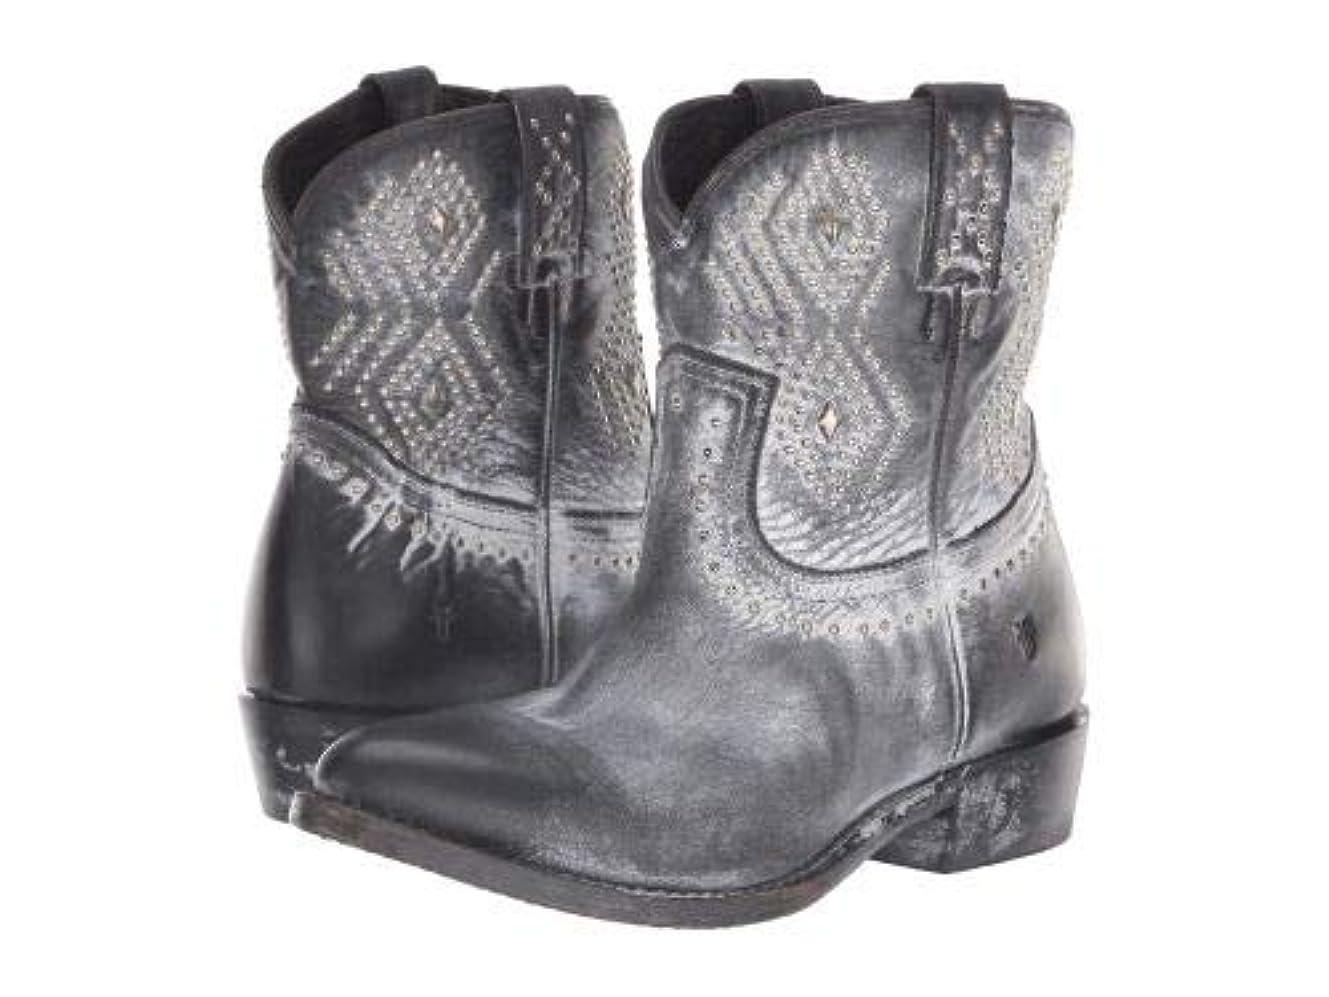 楽しいのど解体するFrye(フライ) レディース 女性用 シューズ 靴 ブーツ アンクルブーツ ショート Billy Stud Short - Black Waxed Full Grain [並行輸入品]